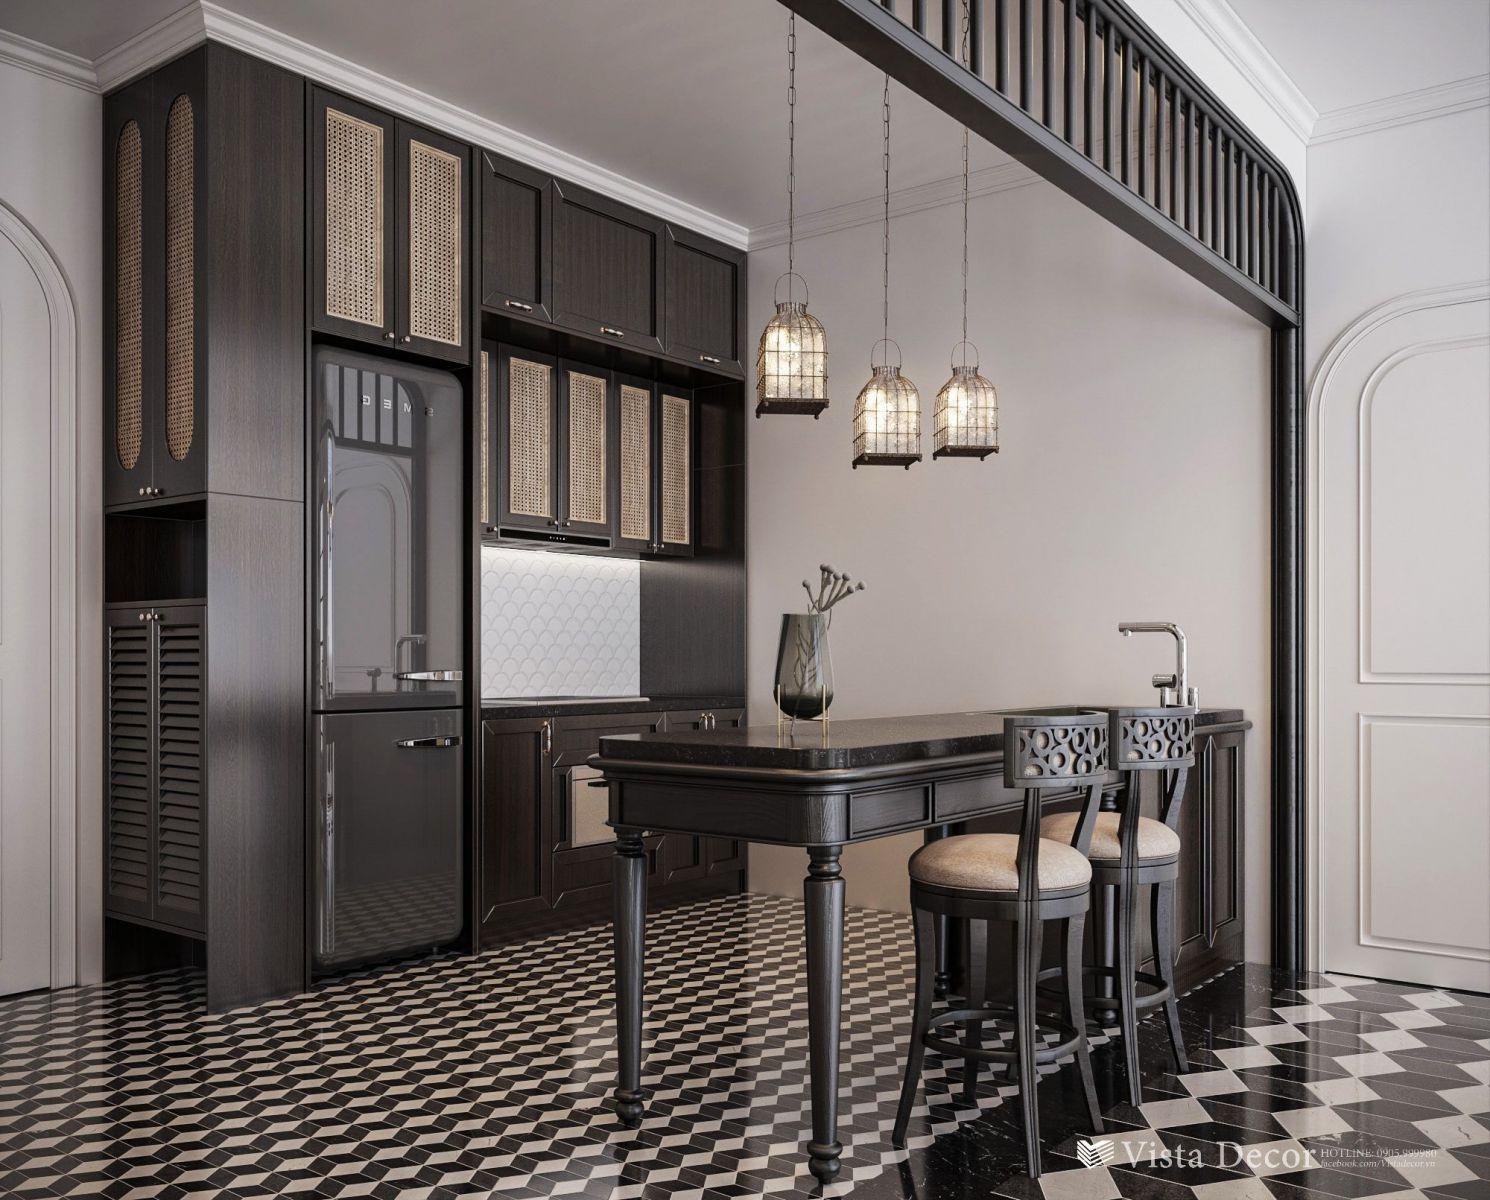 Thiết kế bếp căn hộ 2PN diện tích 110 - dự án Aria Vũng Tàu